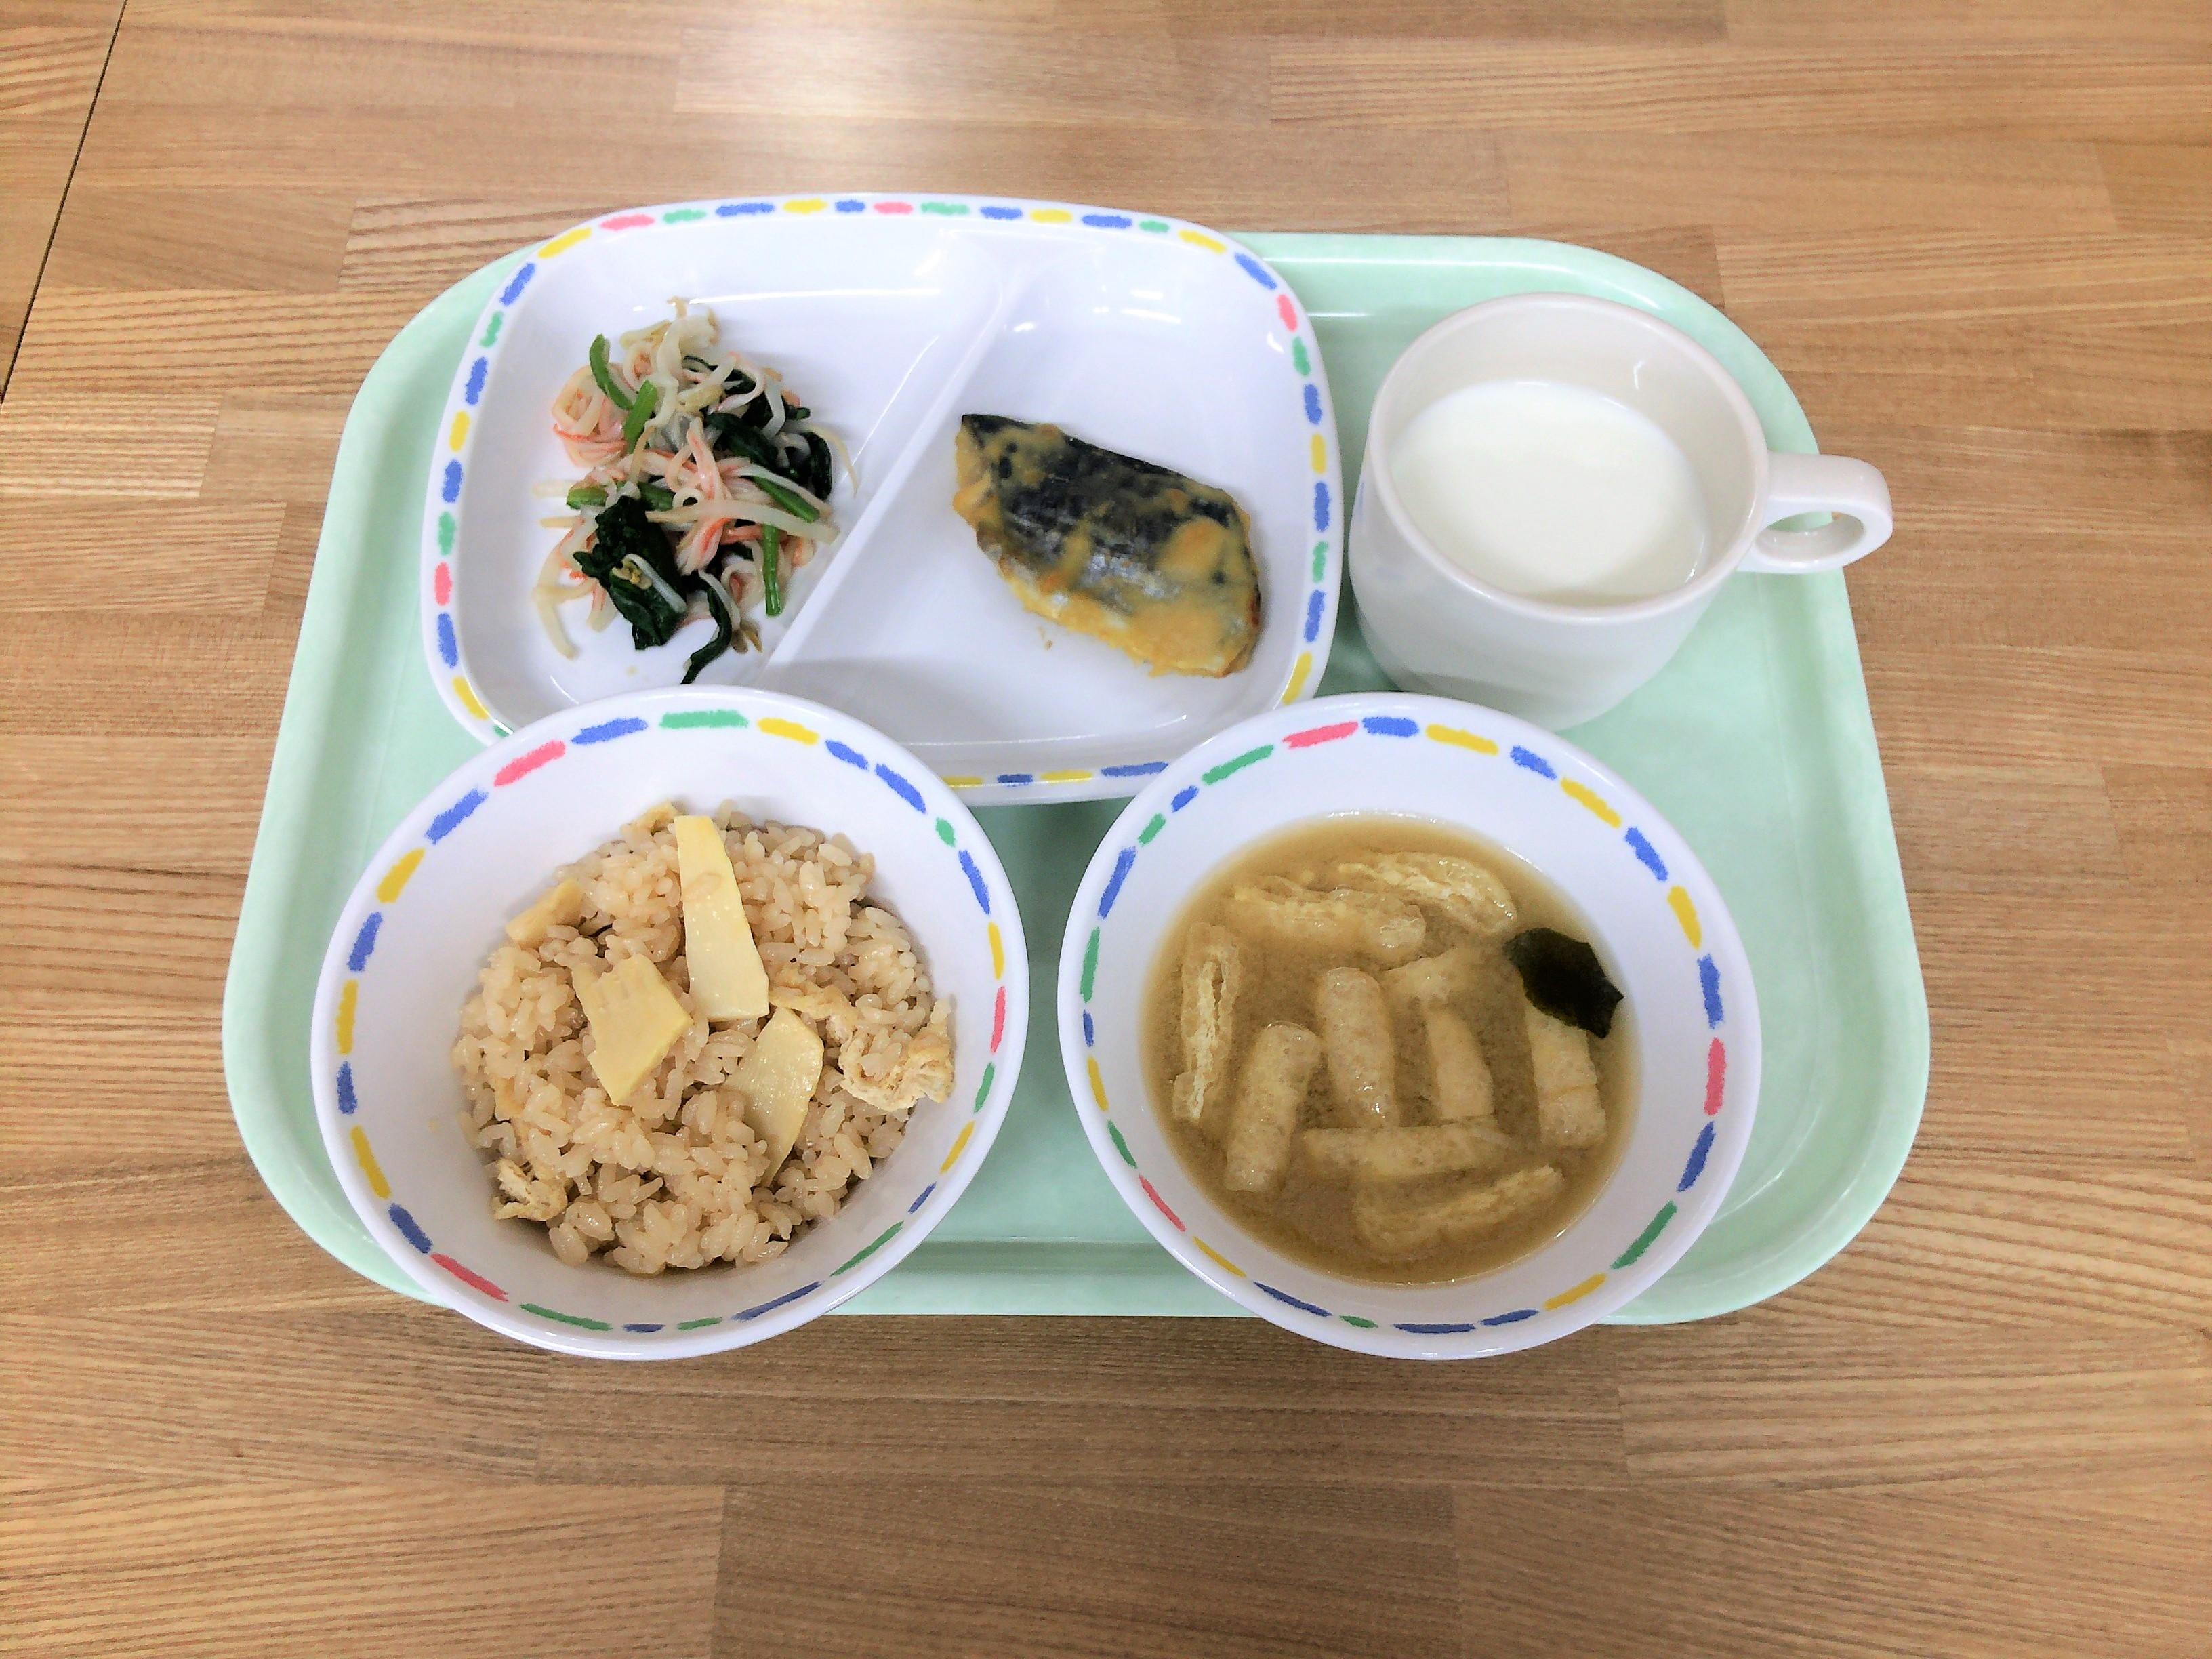 共愛学園小学校給食